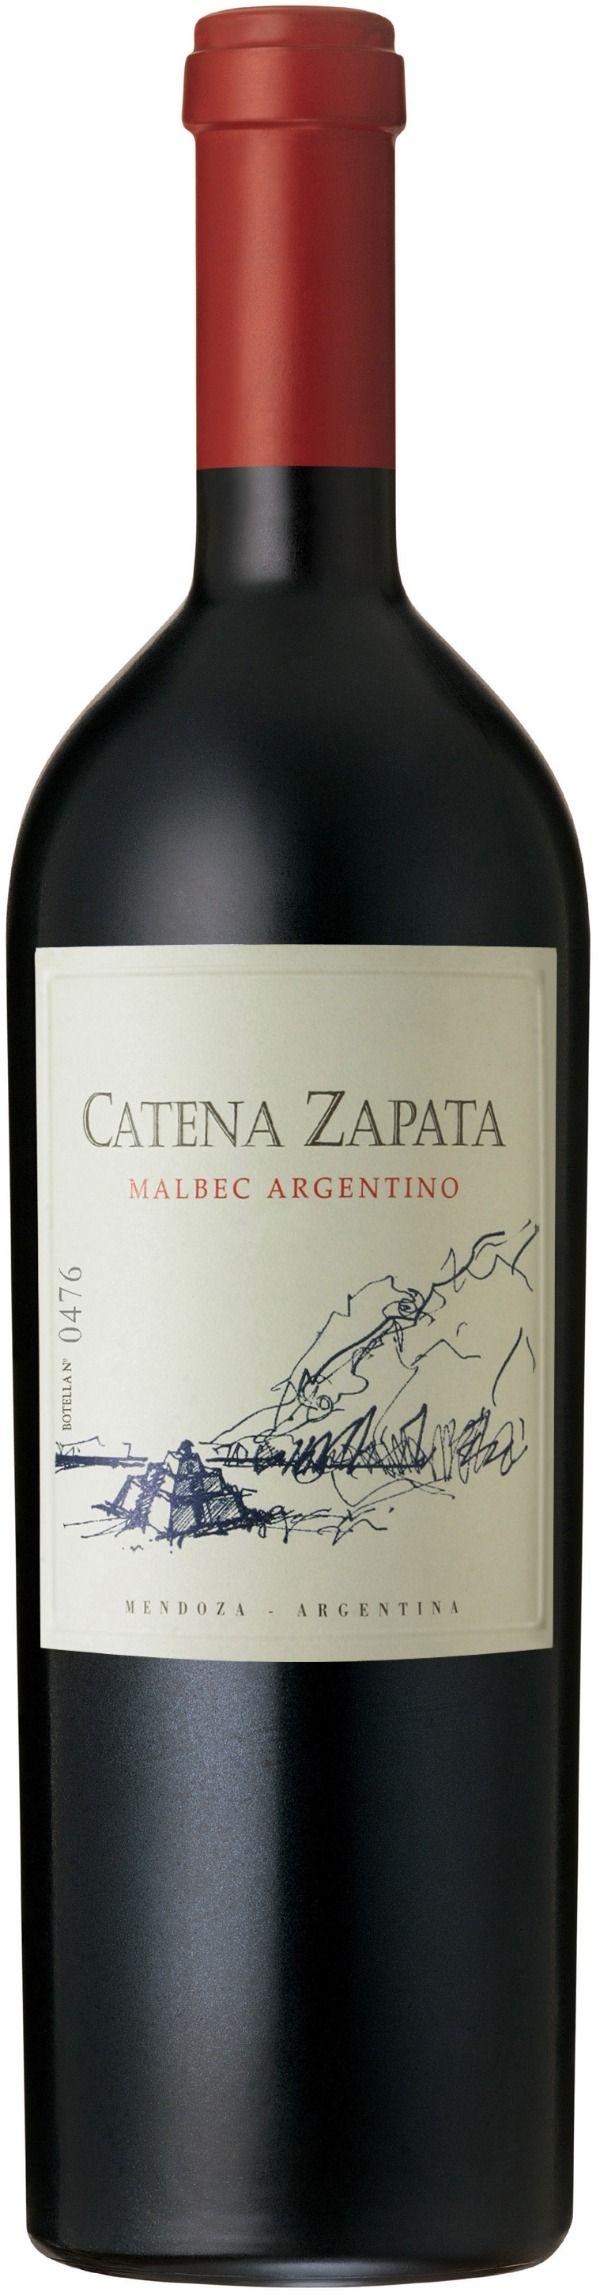 Catena Zapata Malbec Argentino, Mendoza, Argentina.